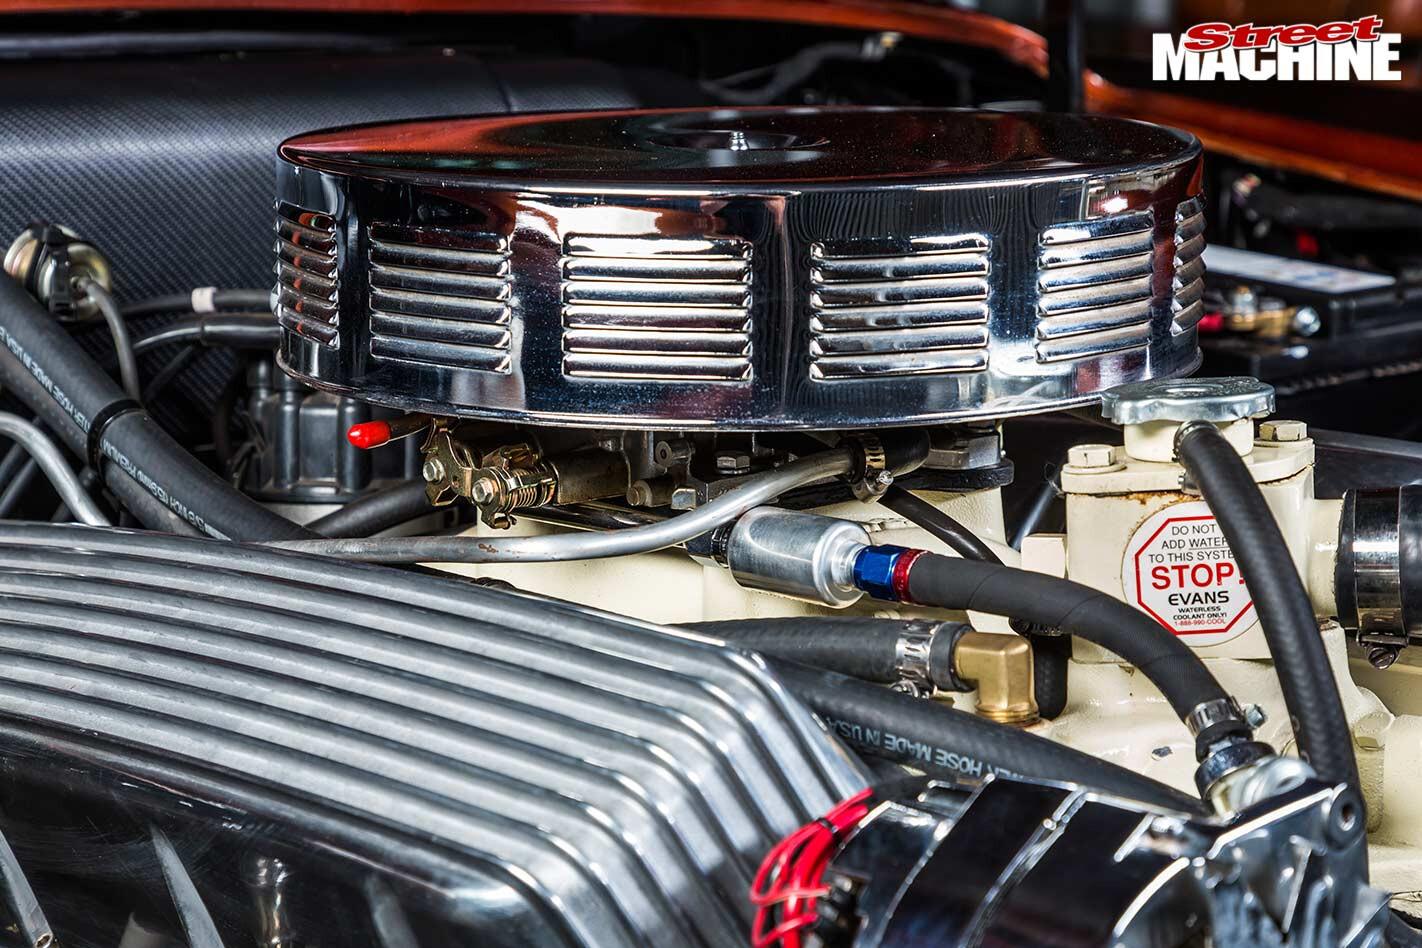 Jaguar Mark 10 engine bay